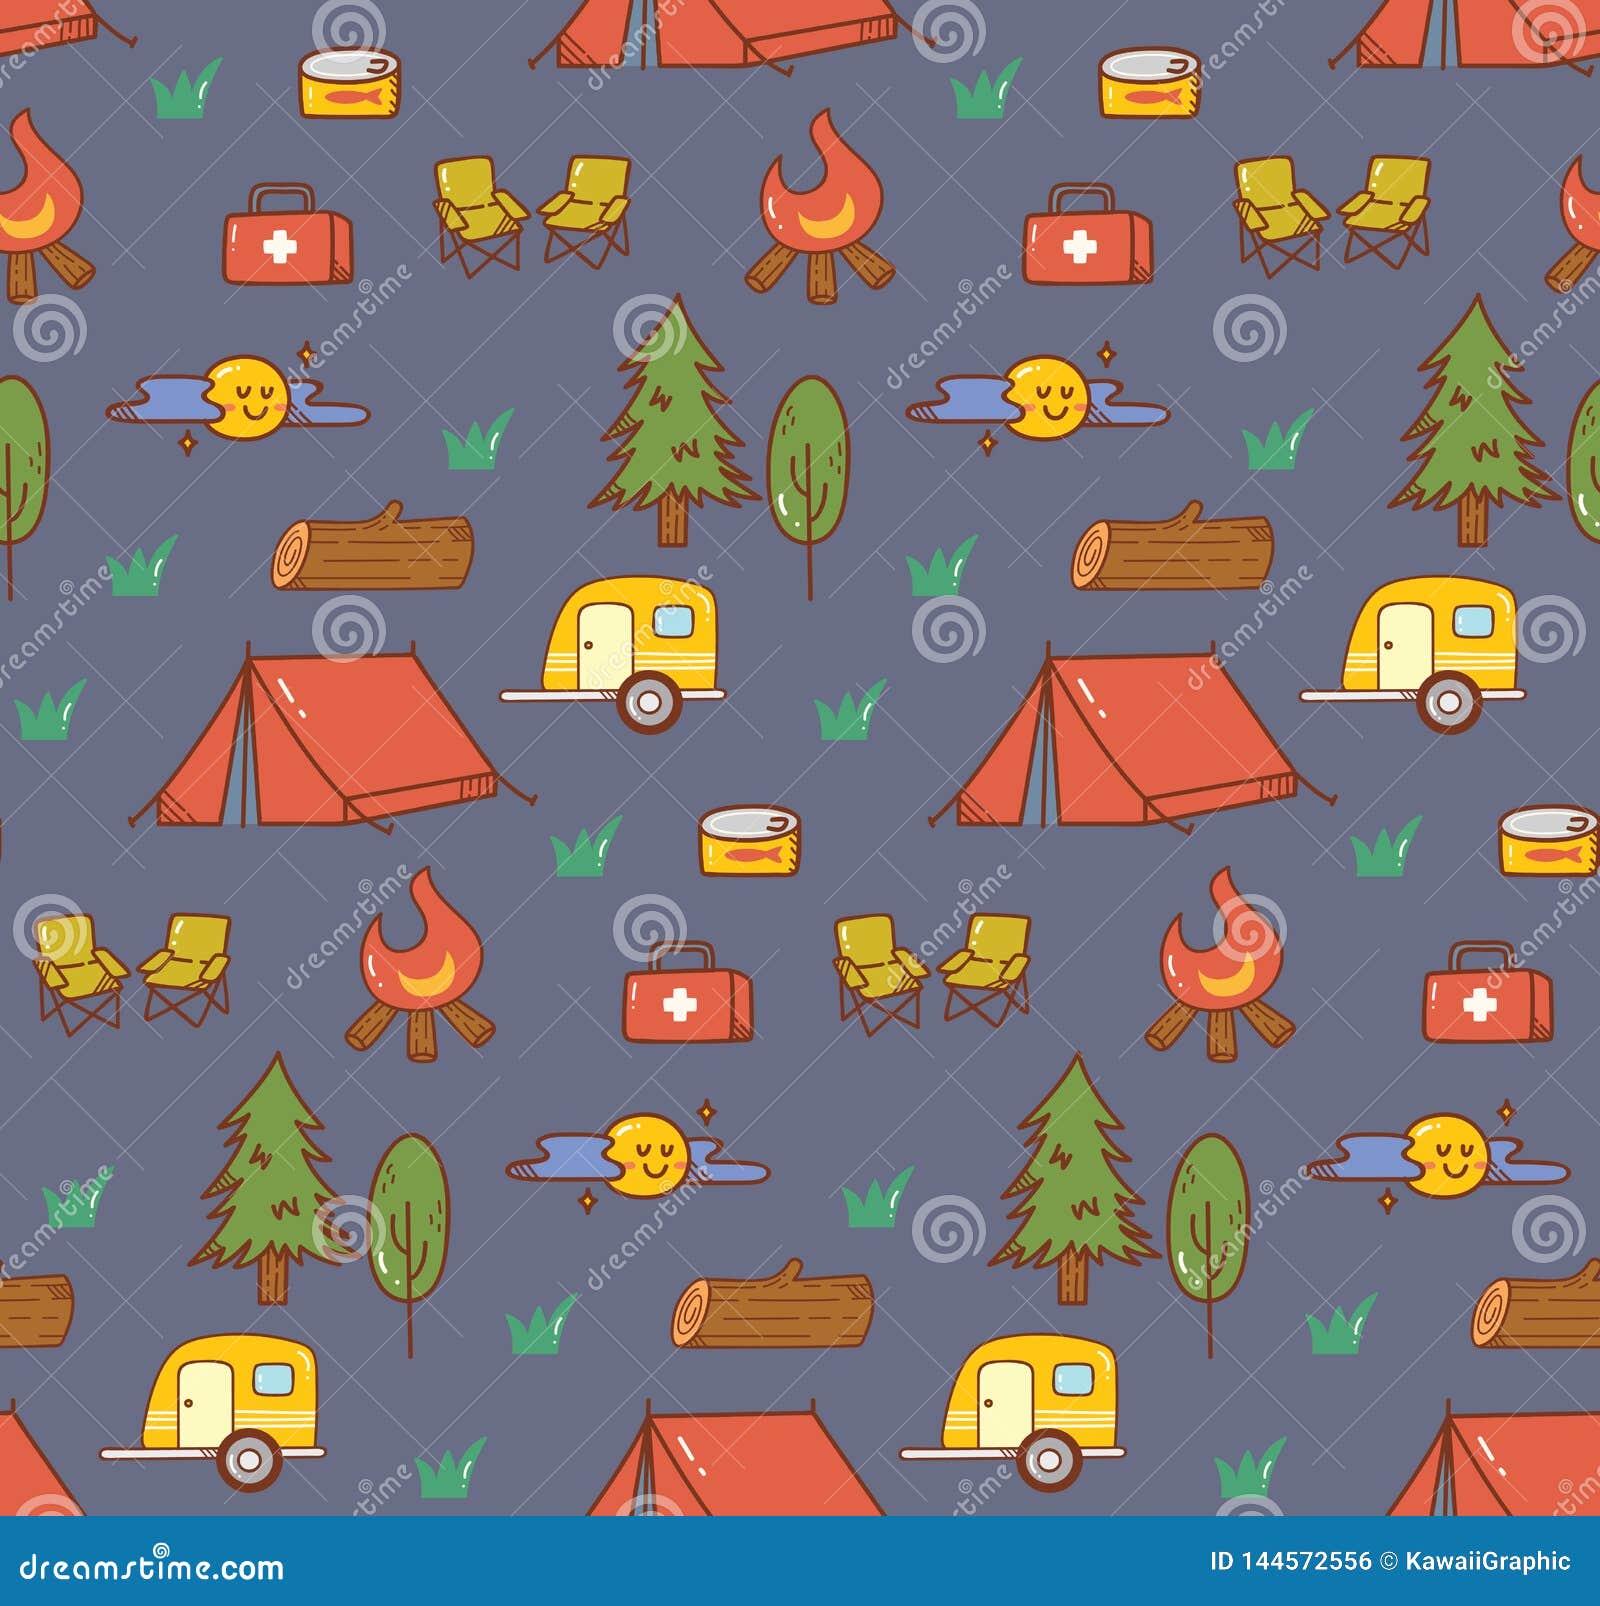 Campingowego materiału kawaii doodle bezszwowy tło